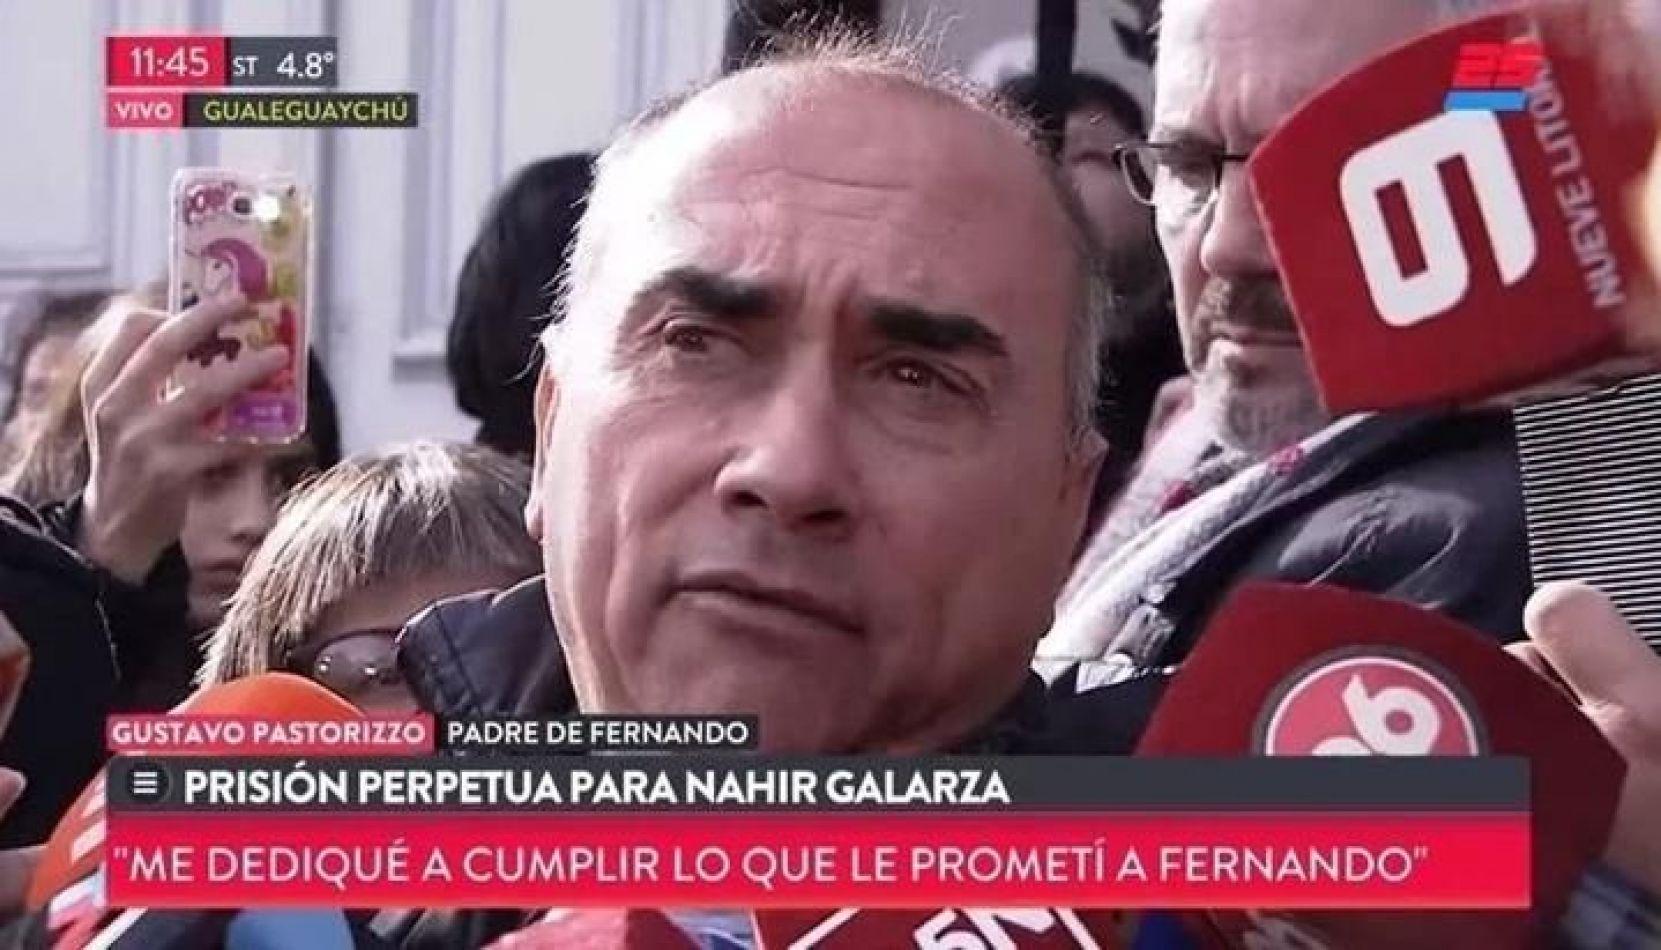 A partir de hoy nahir comienza a morir d a a d a dijo Noticias del dia de hoy en argentina espectaculos